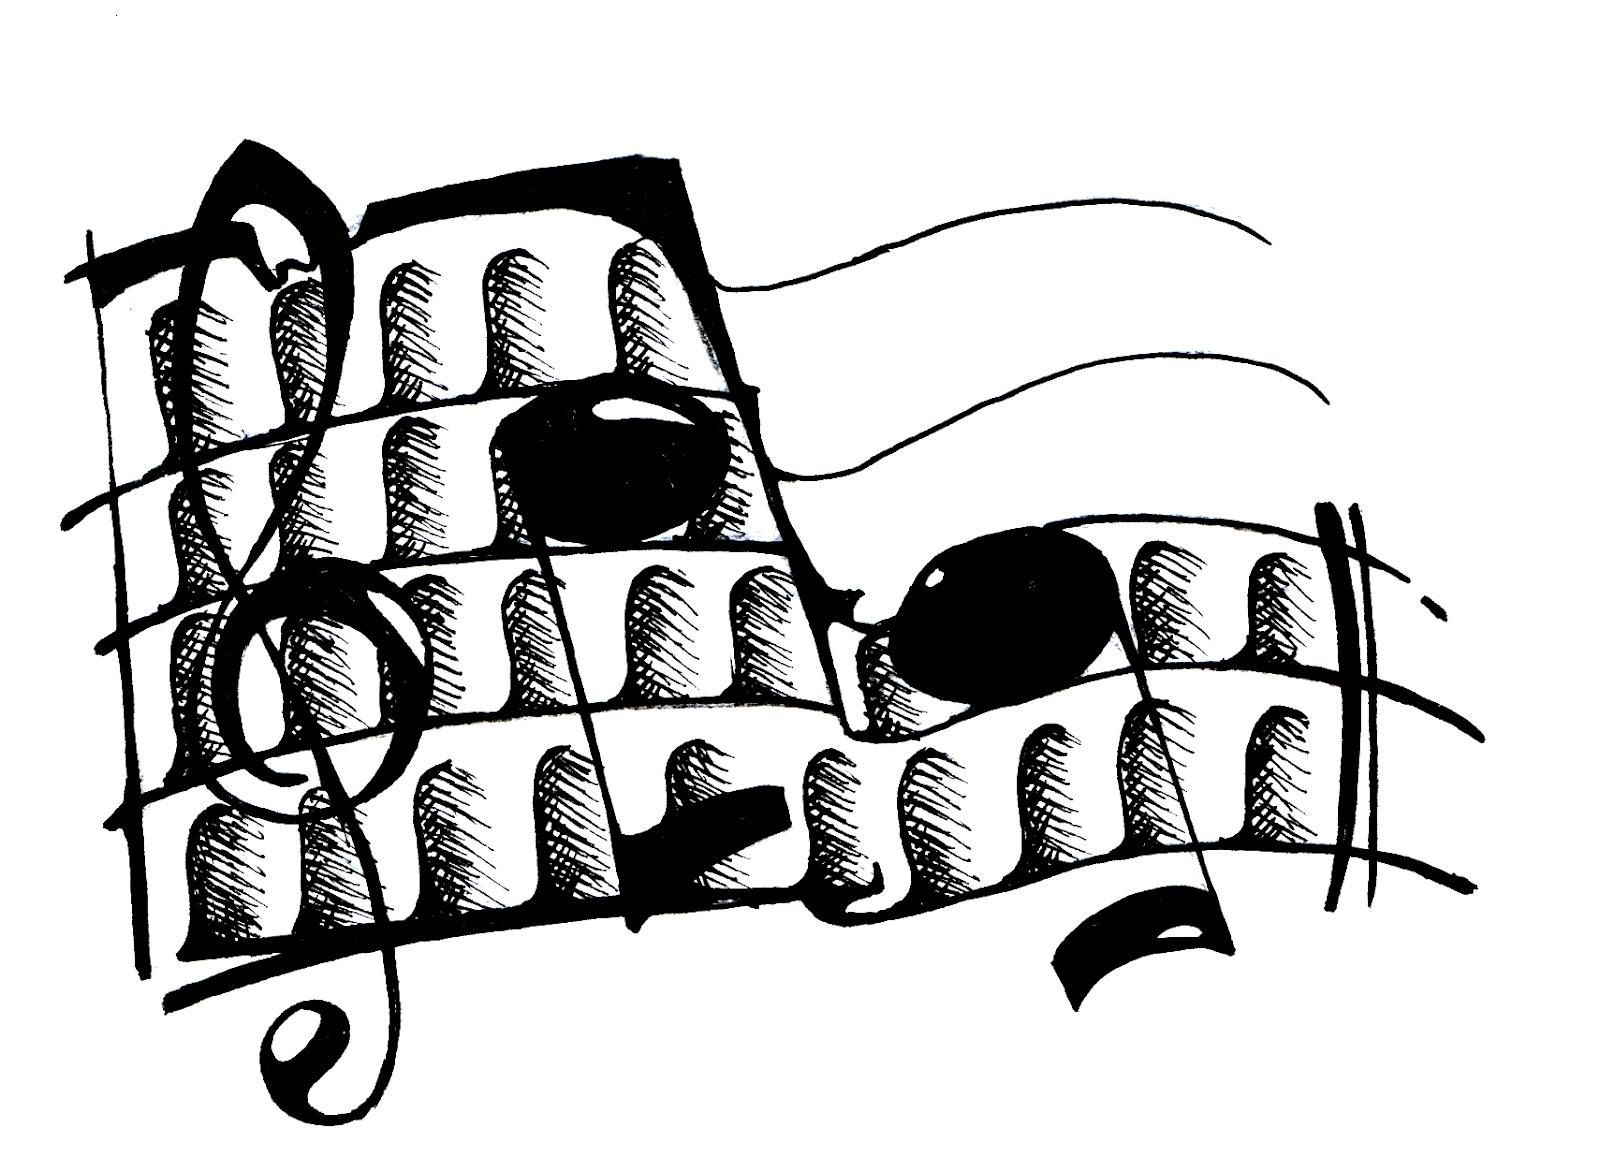 Strumenti musicali da disegnare images frompo - Note musicali da colorare pagina da colorare ...